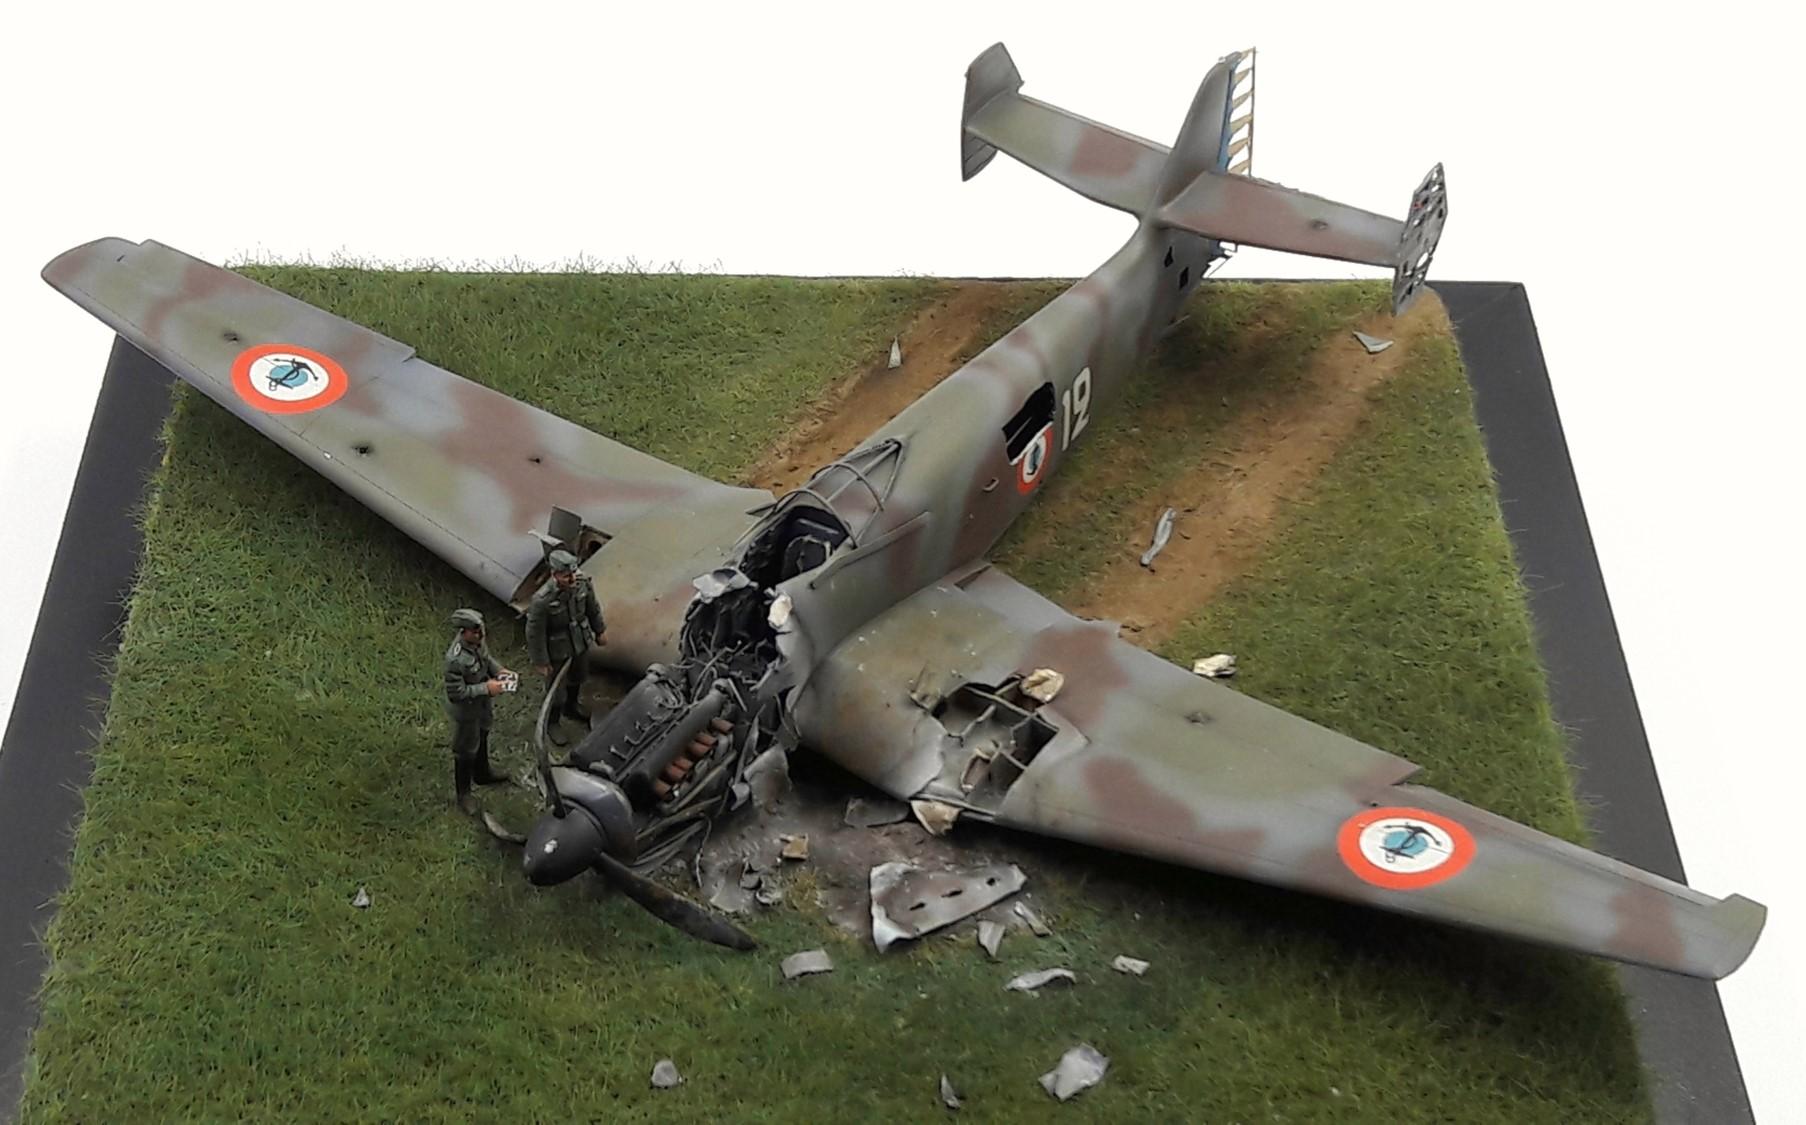 [Concours Aéronavale] Loire Nieuport 401/411 -  Special hobby 1/48 - crash à Villereau -le sacrifice des marins aviateurs du 19 mai 1940 - Mission Berlaimont  Image483